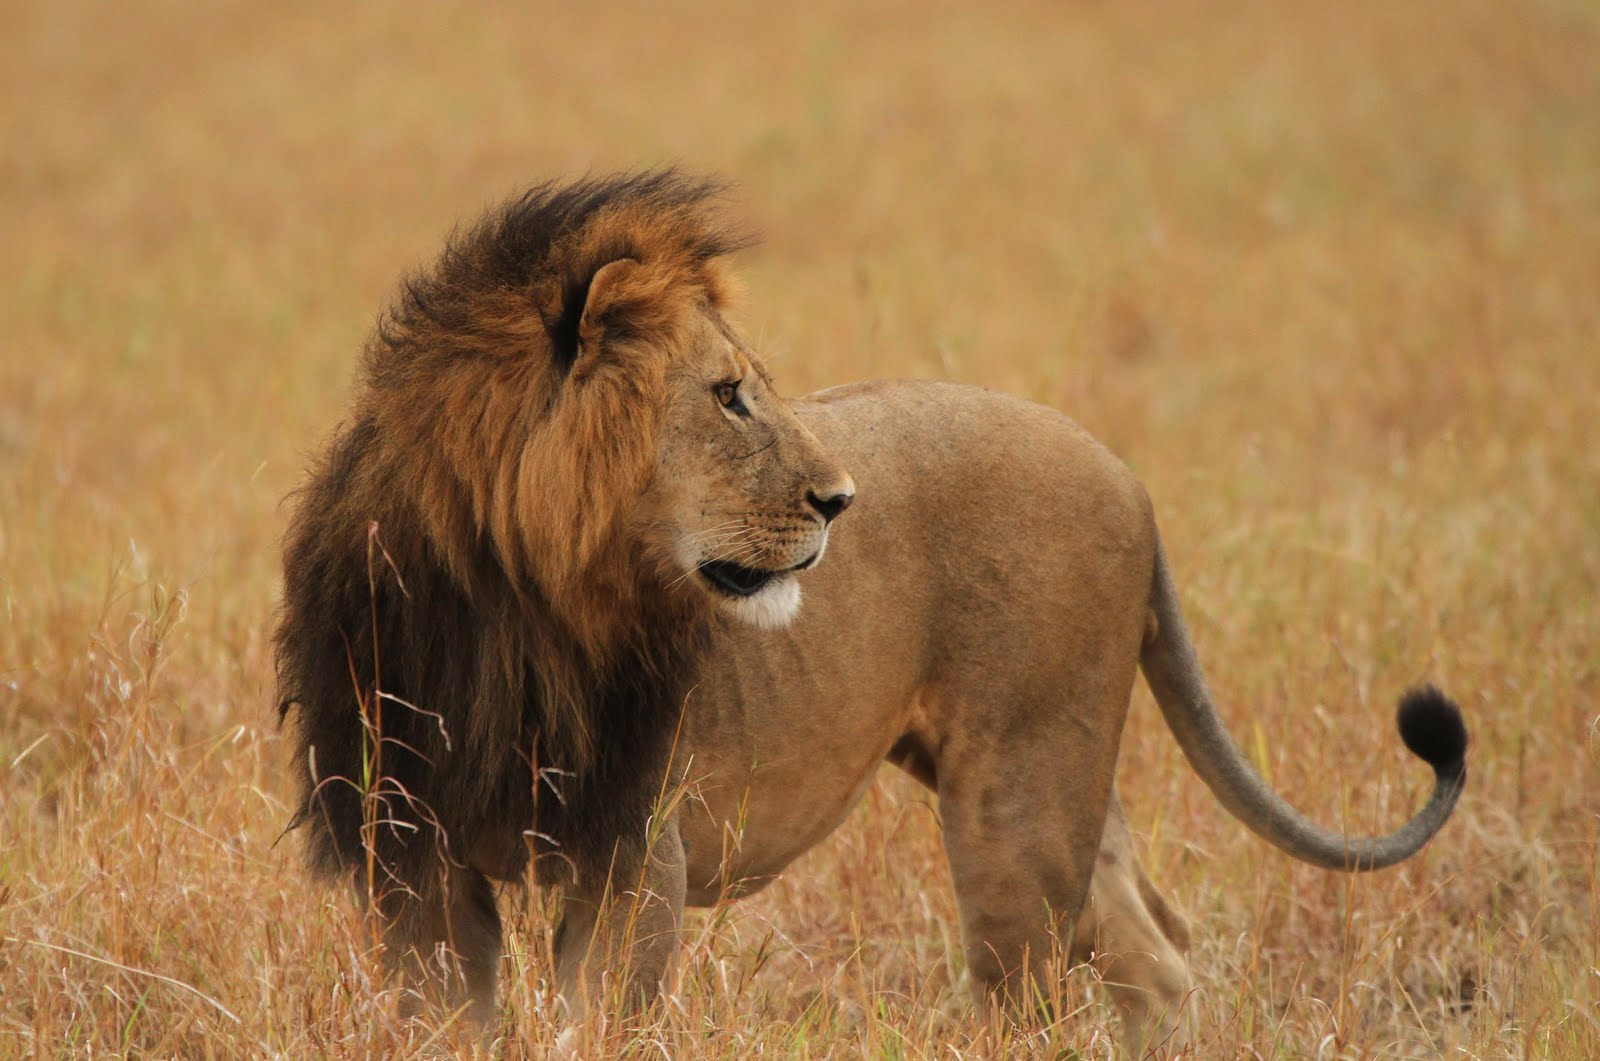 Sarath C R Blog: The Lions of Masai Mara